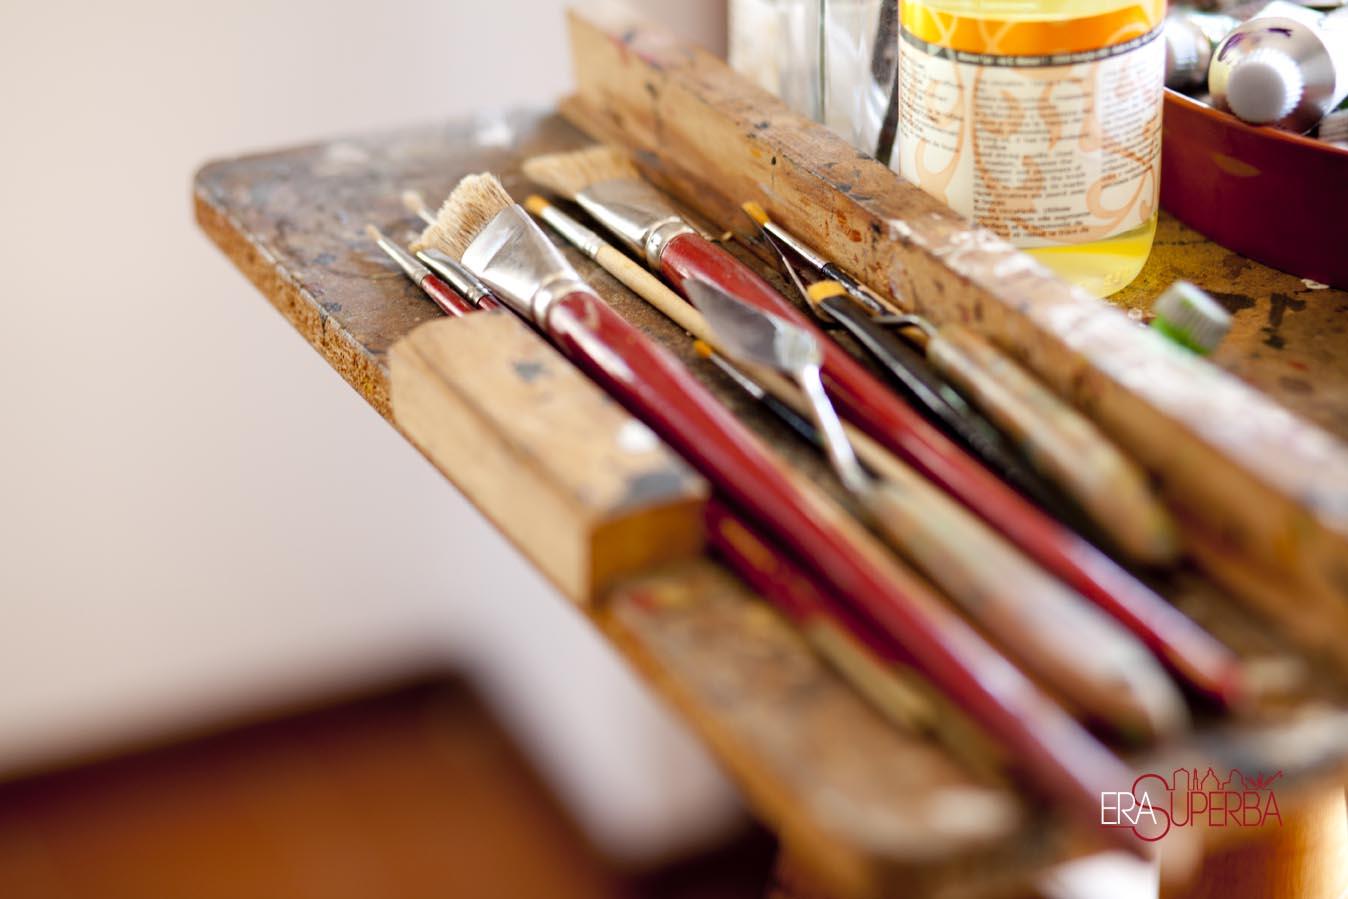 Corso gratis di pittura ad acquerello alla galleria d 39 arte for Mostre d arte in corso